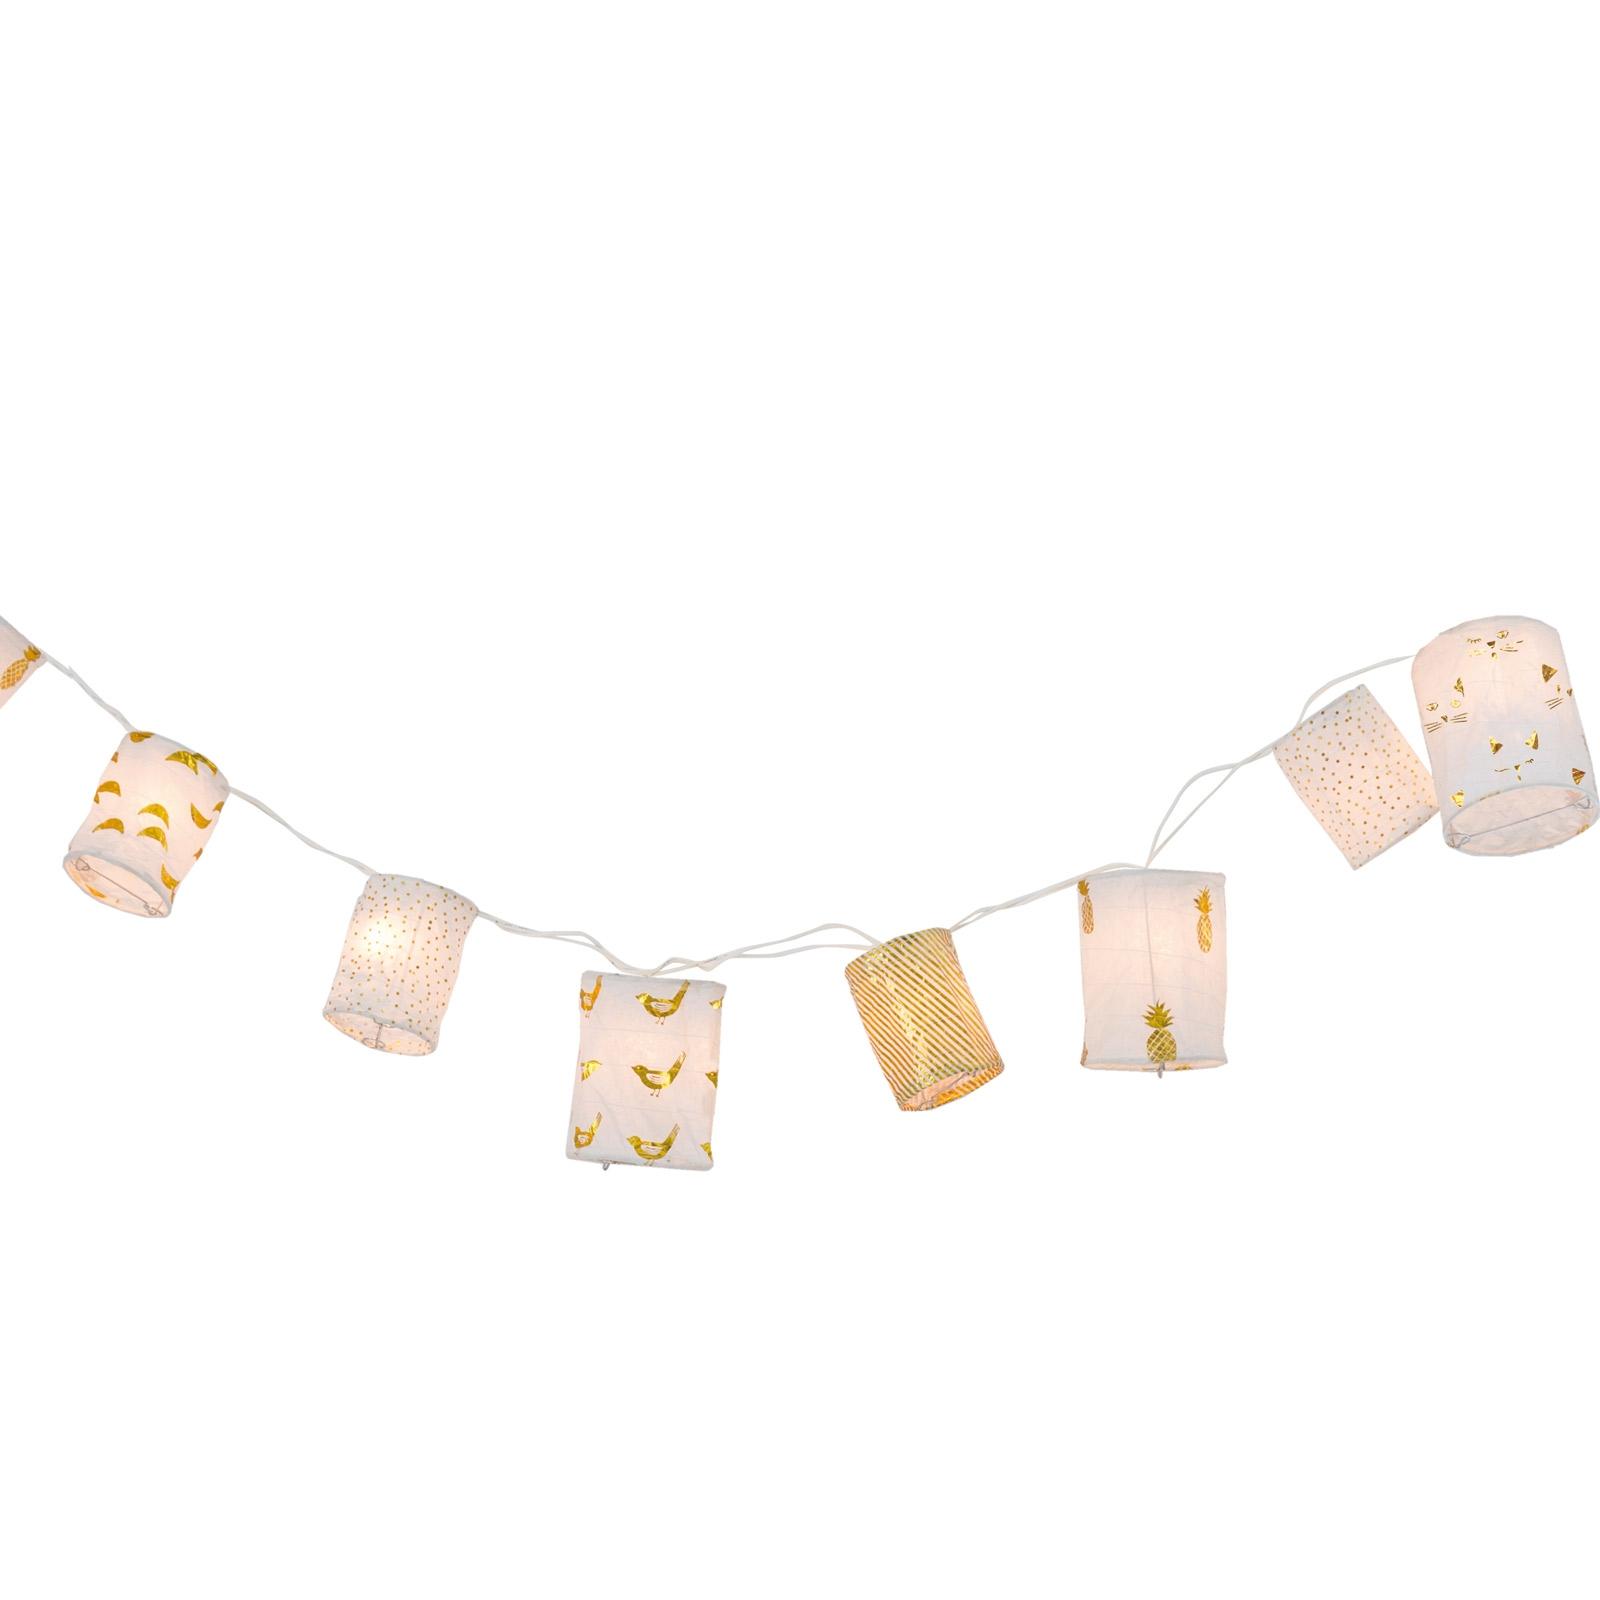 guirlandes lumineuses pour chambre bébé | berceau magique